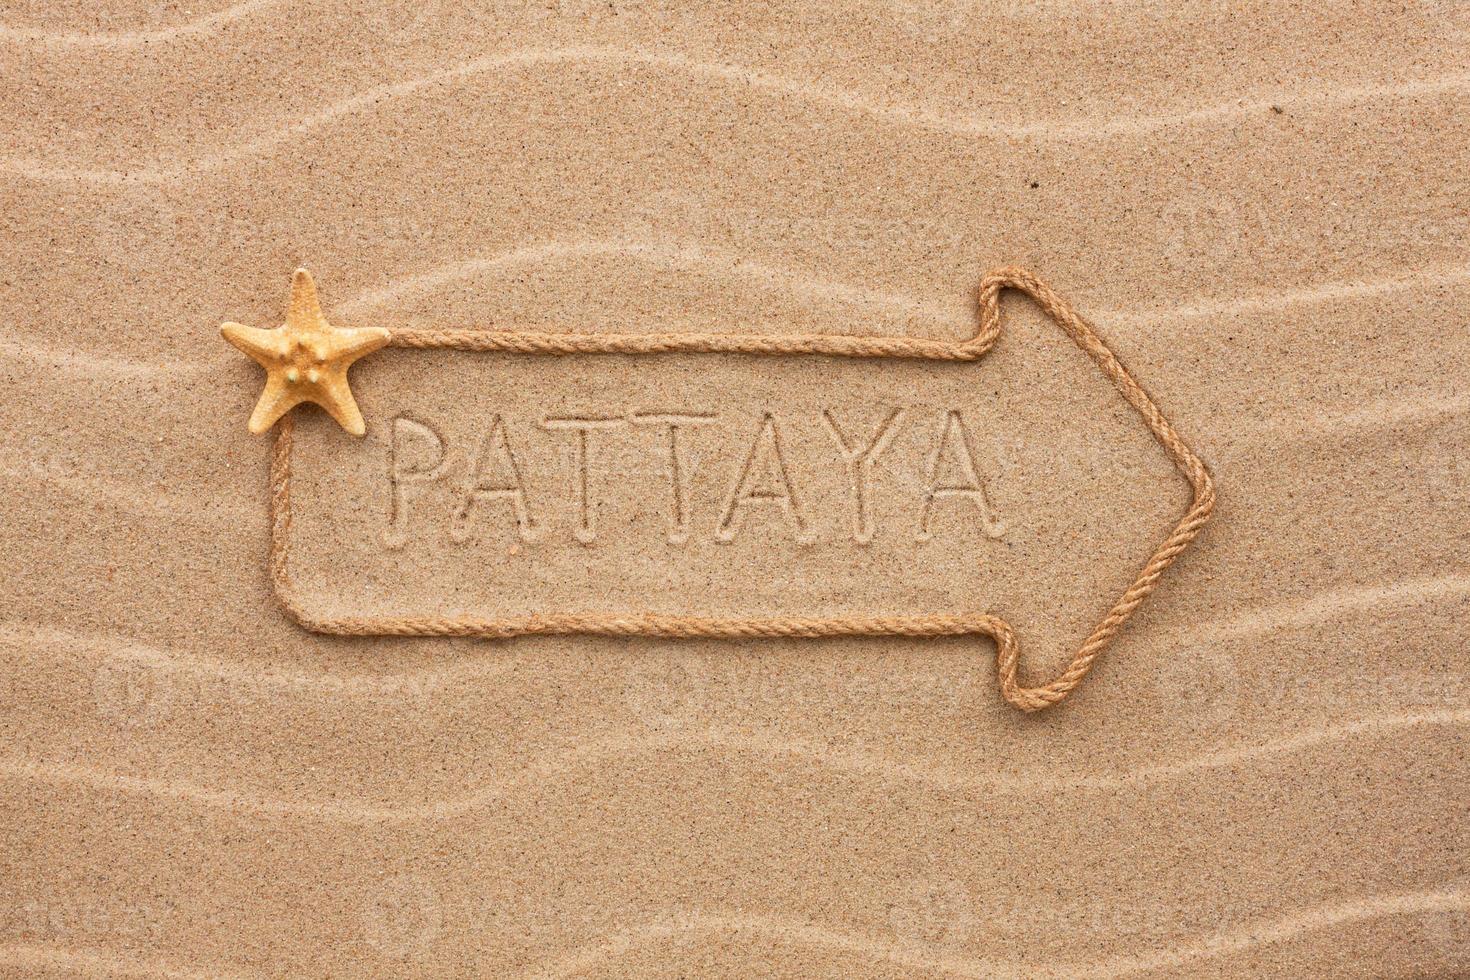 pil gjord av rep med ordet pattaya foto